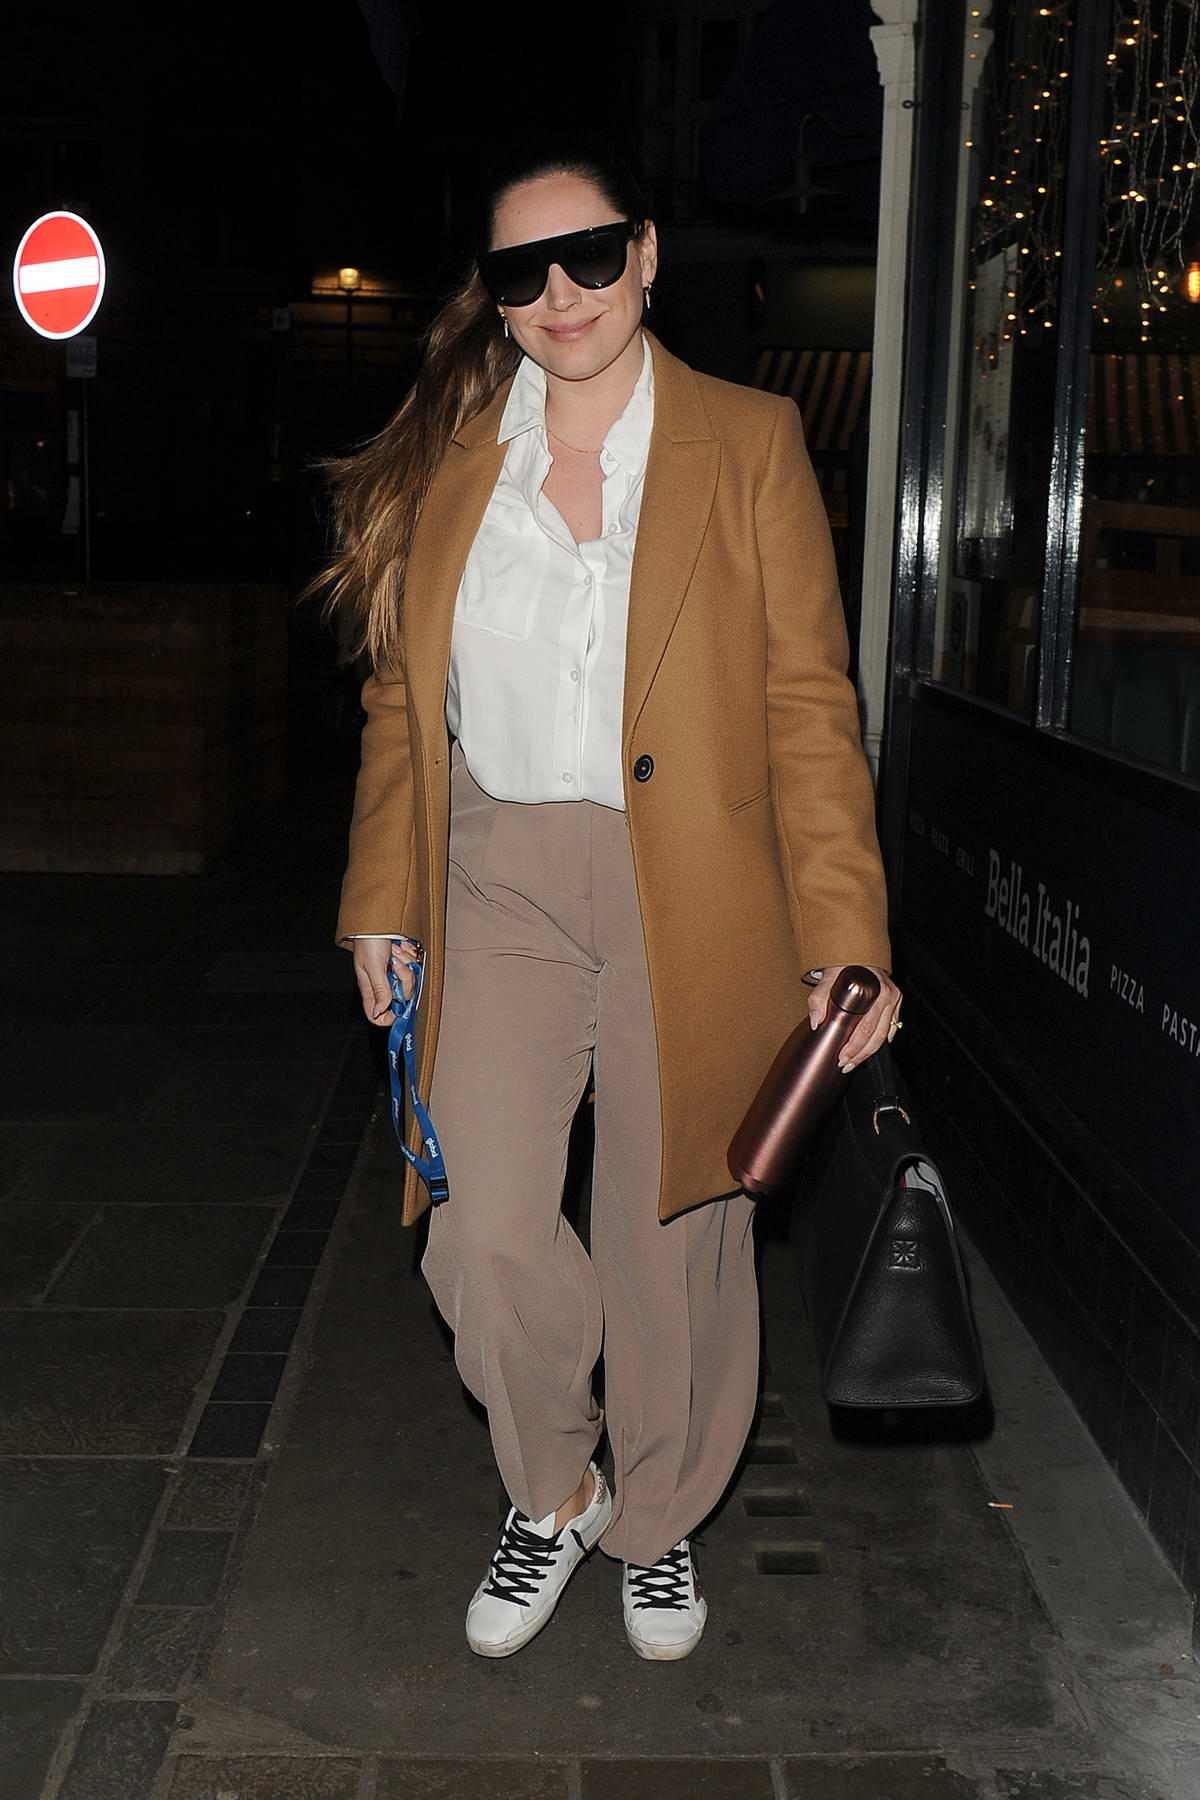 Kelly Brook seen wearing camel-colored blazer as she leaves Heart FM Studios in London, UK